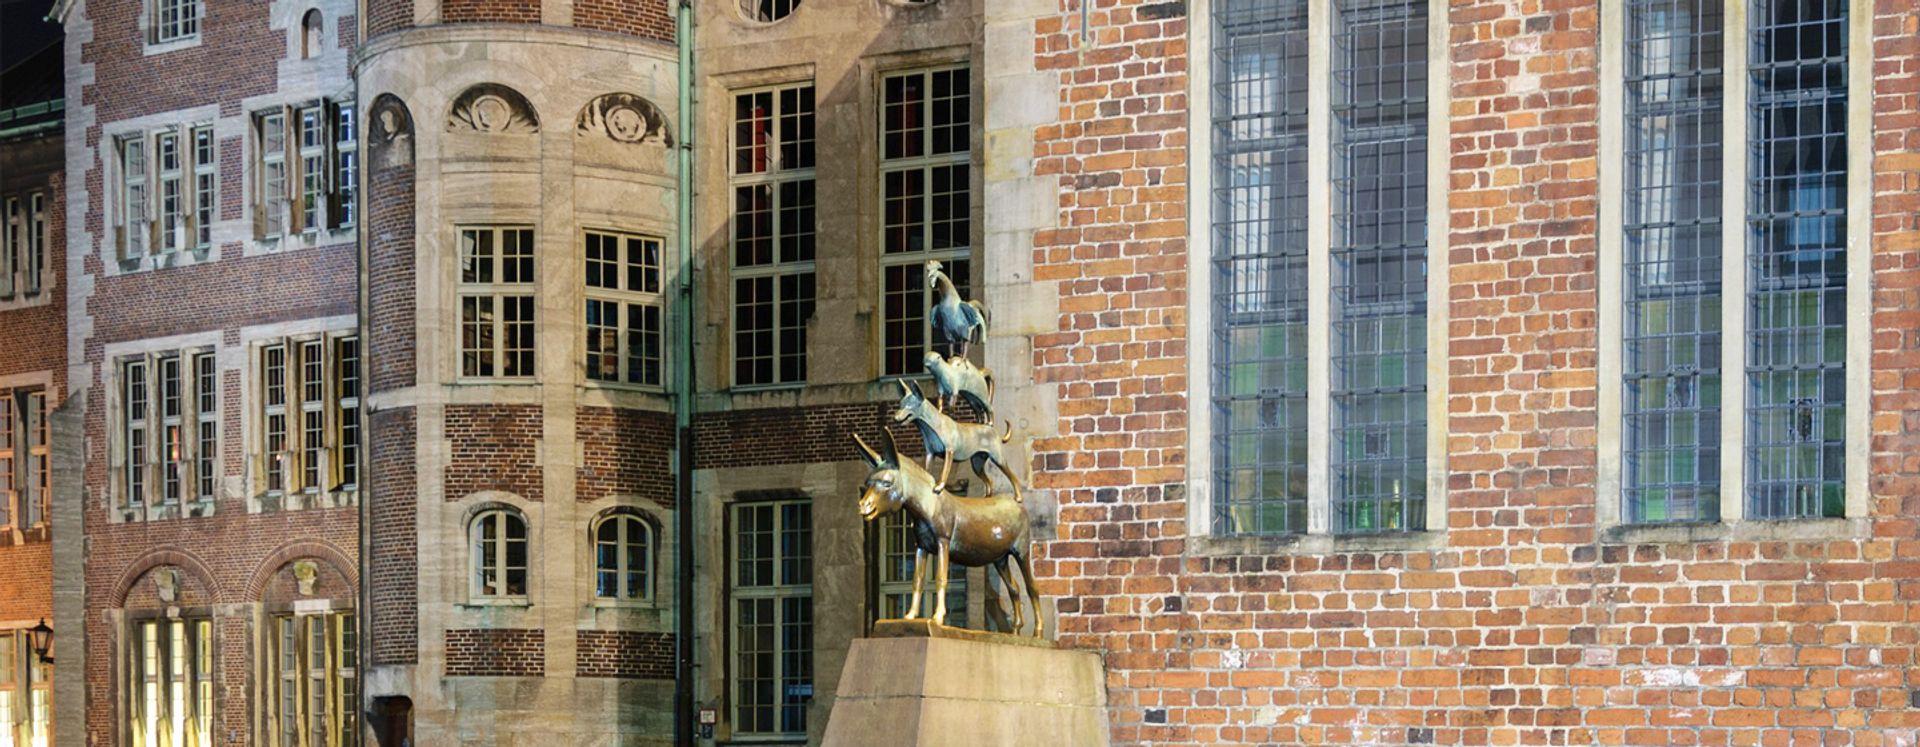 Anticimex Kammerjäger in Bremen